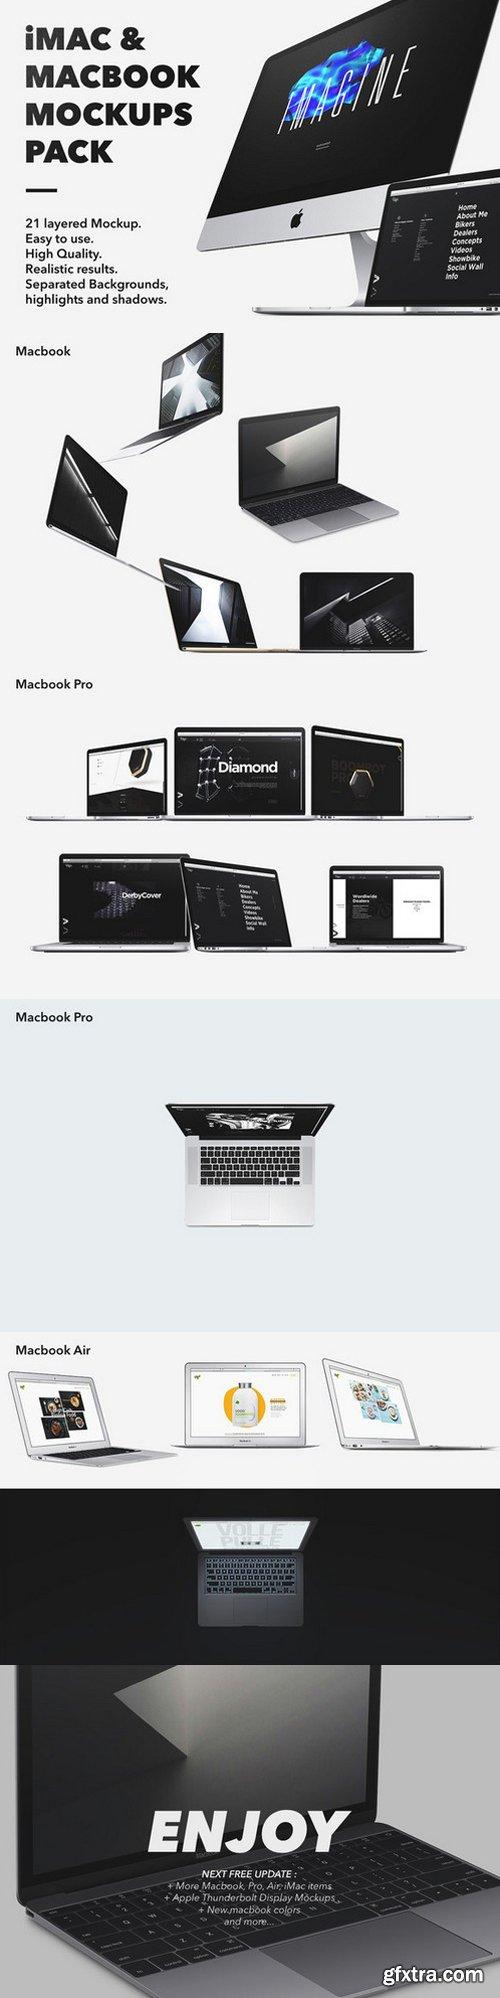 CM - iMac & Macbook Mockups pack 685907